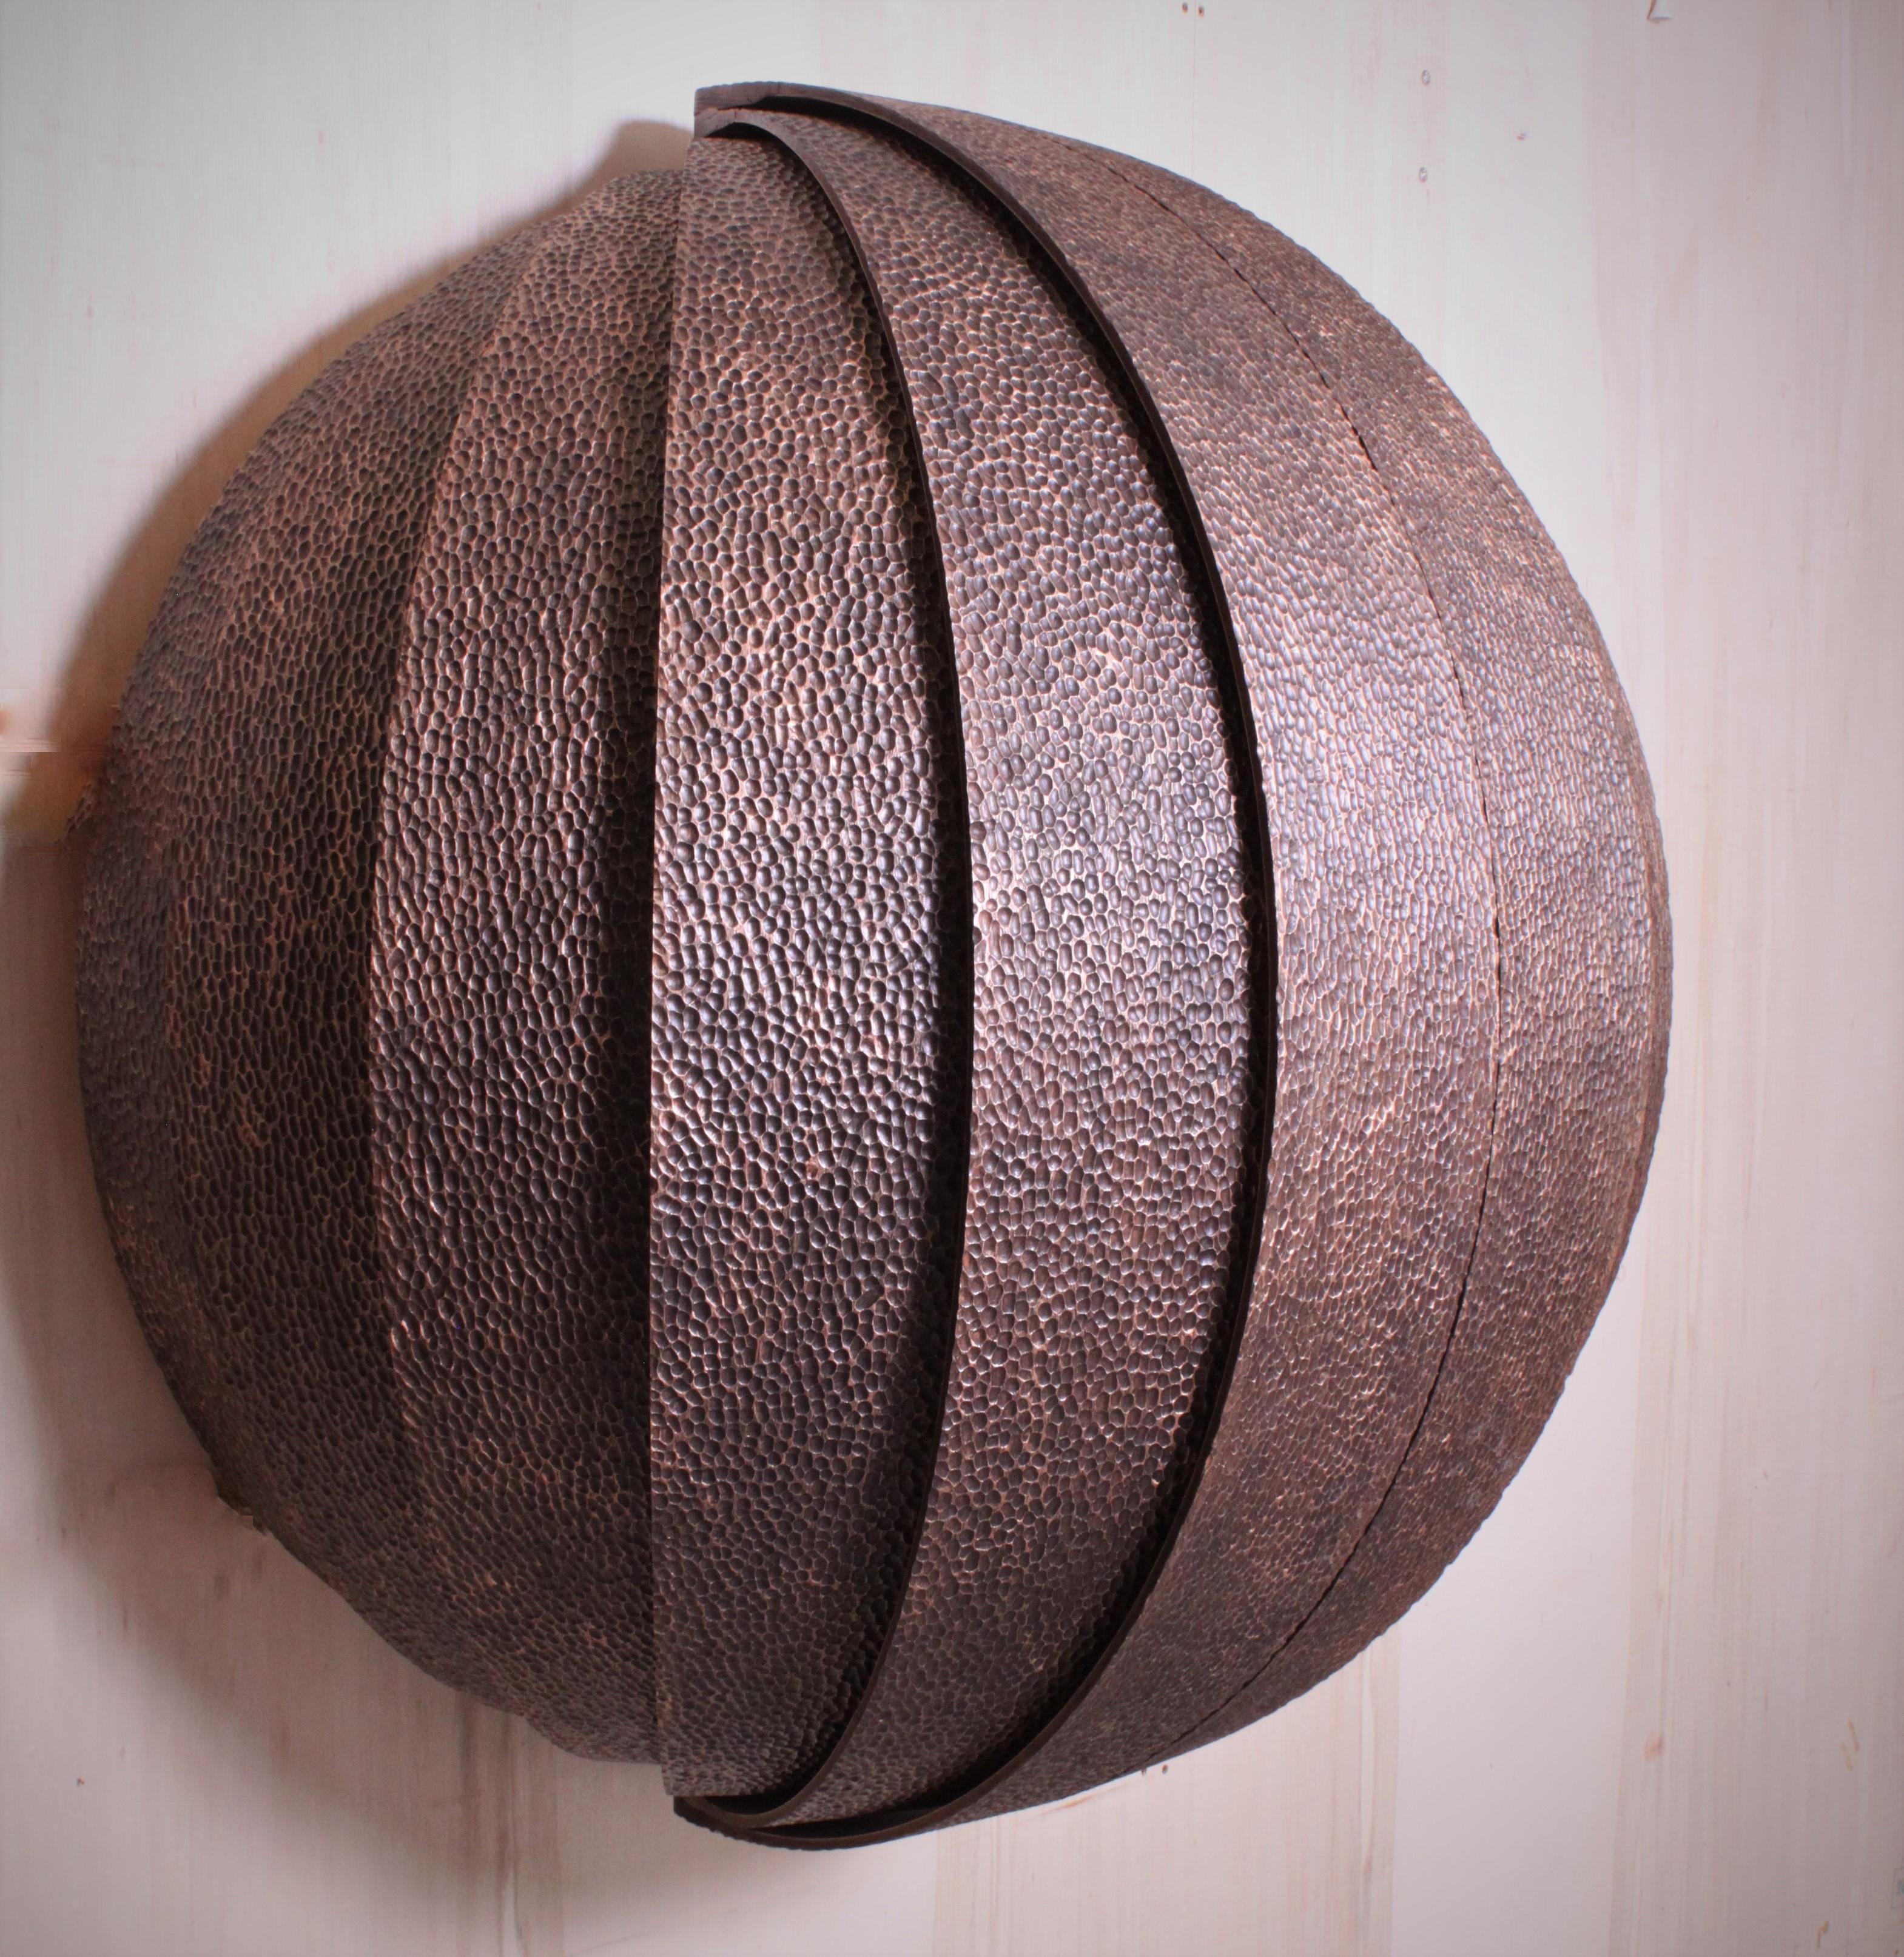 Hand made custom desk in walnut veneer by Splinterworks.